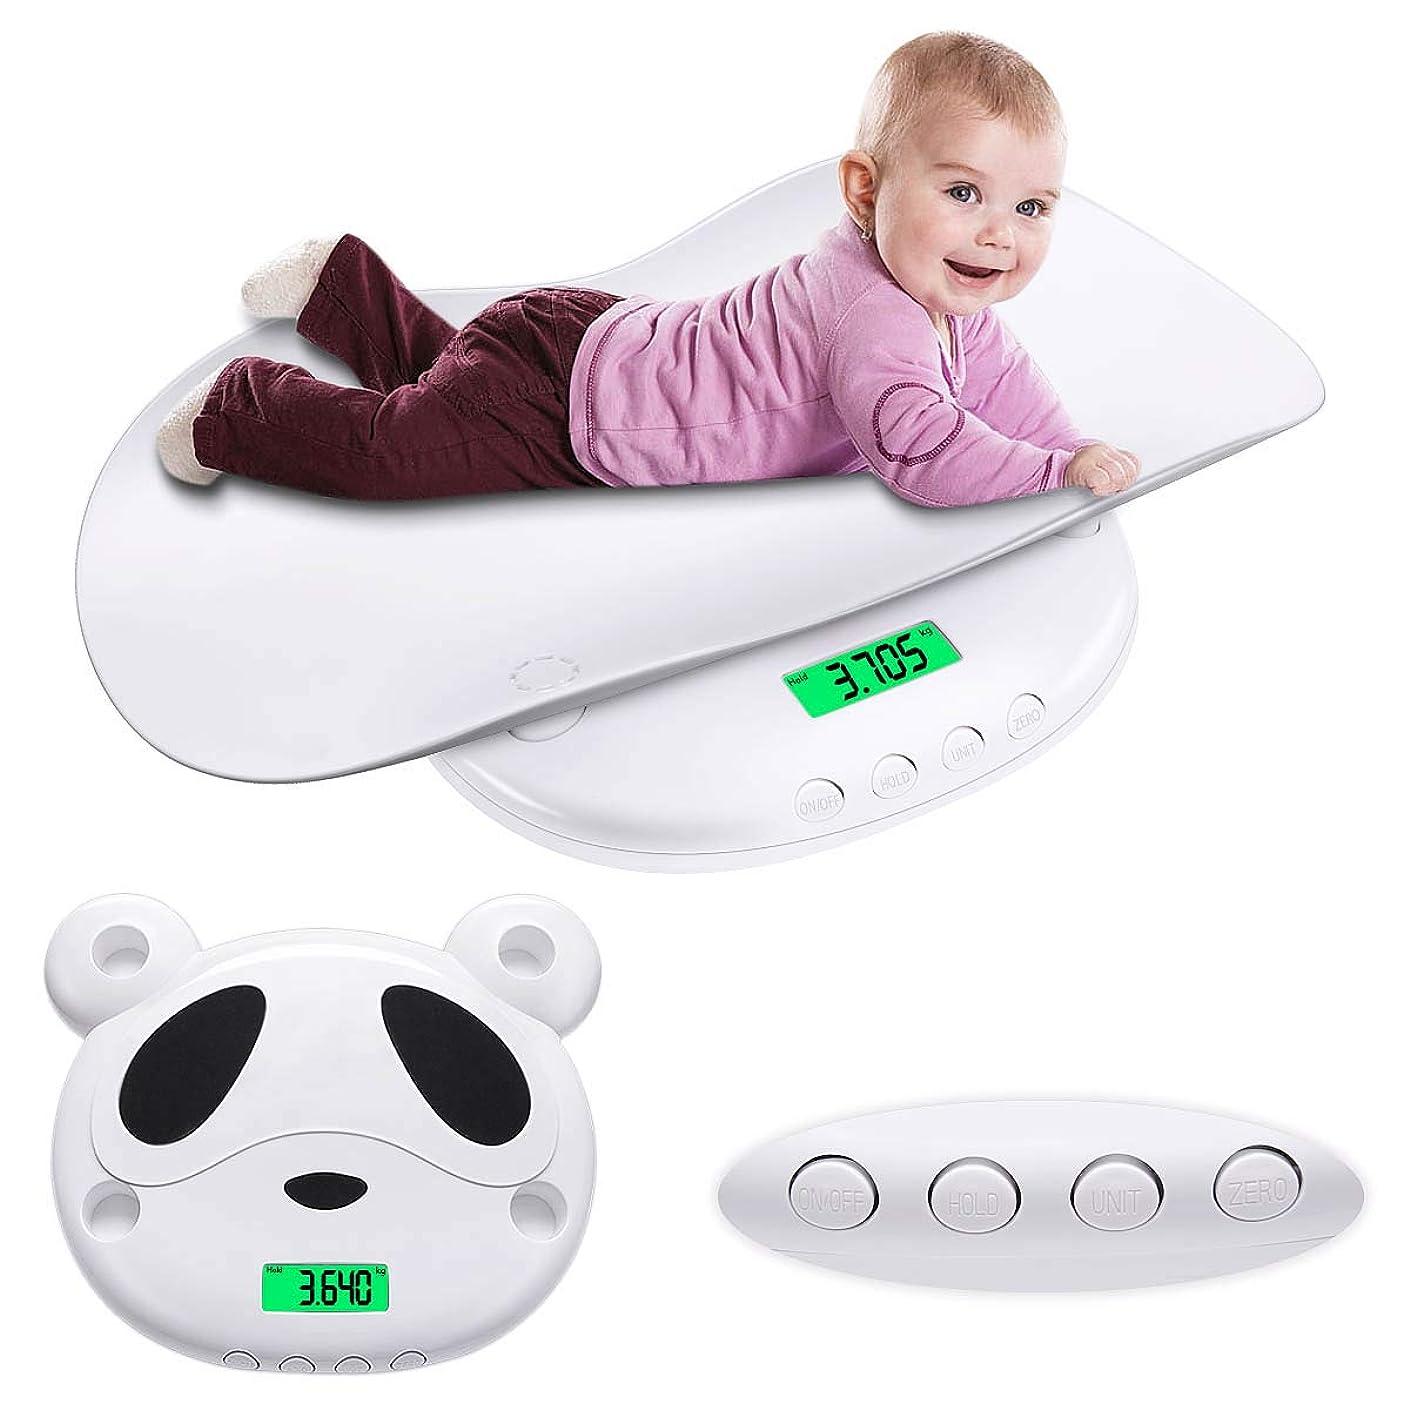 までおしゃれな恥ベビースケール デジタル パンダ 新生児体重計 高精度 5g単位 はかり 赤ちゃん用 乳幼児 授乳 多機能 風袋機能付き 単位切替機能 表示固定 赤ちゃんから成人まで使える 100g~60kg